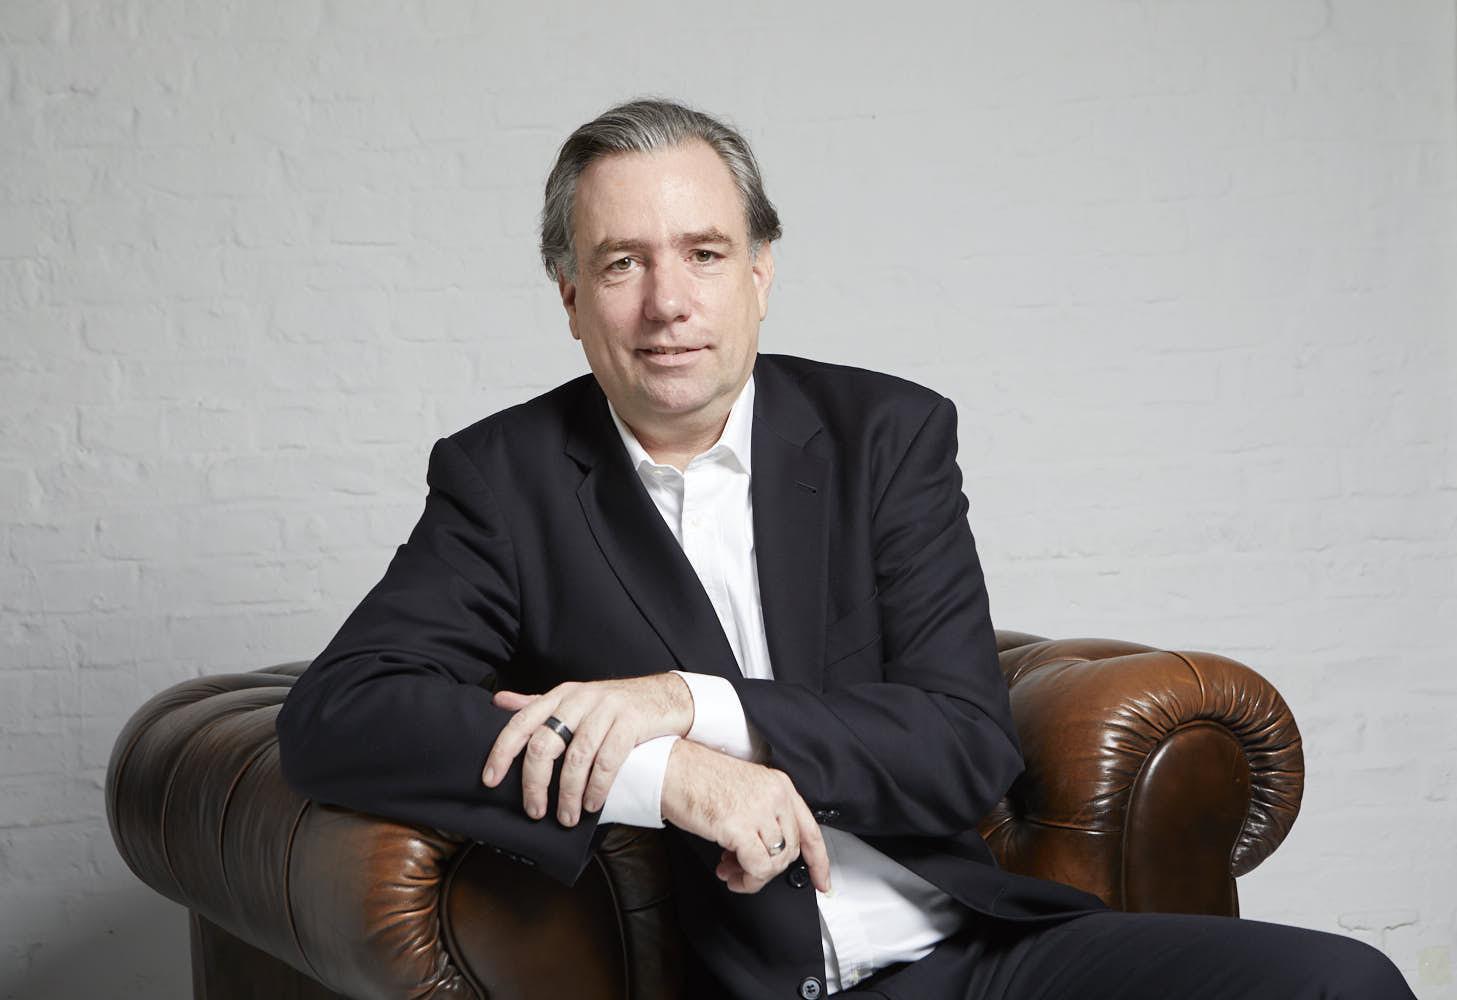 Martin Liss